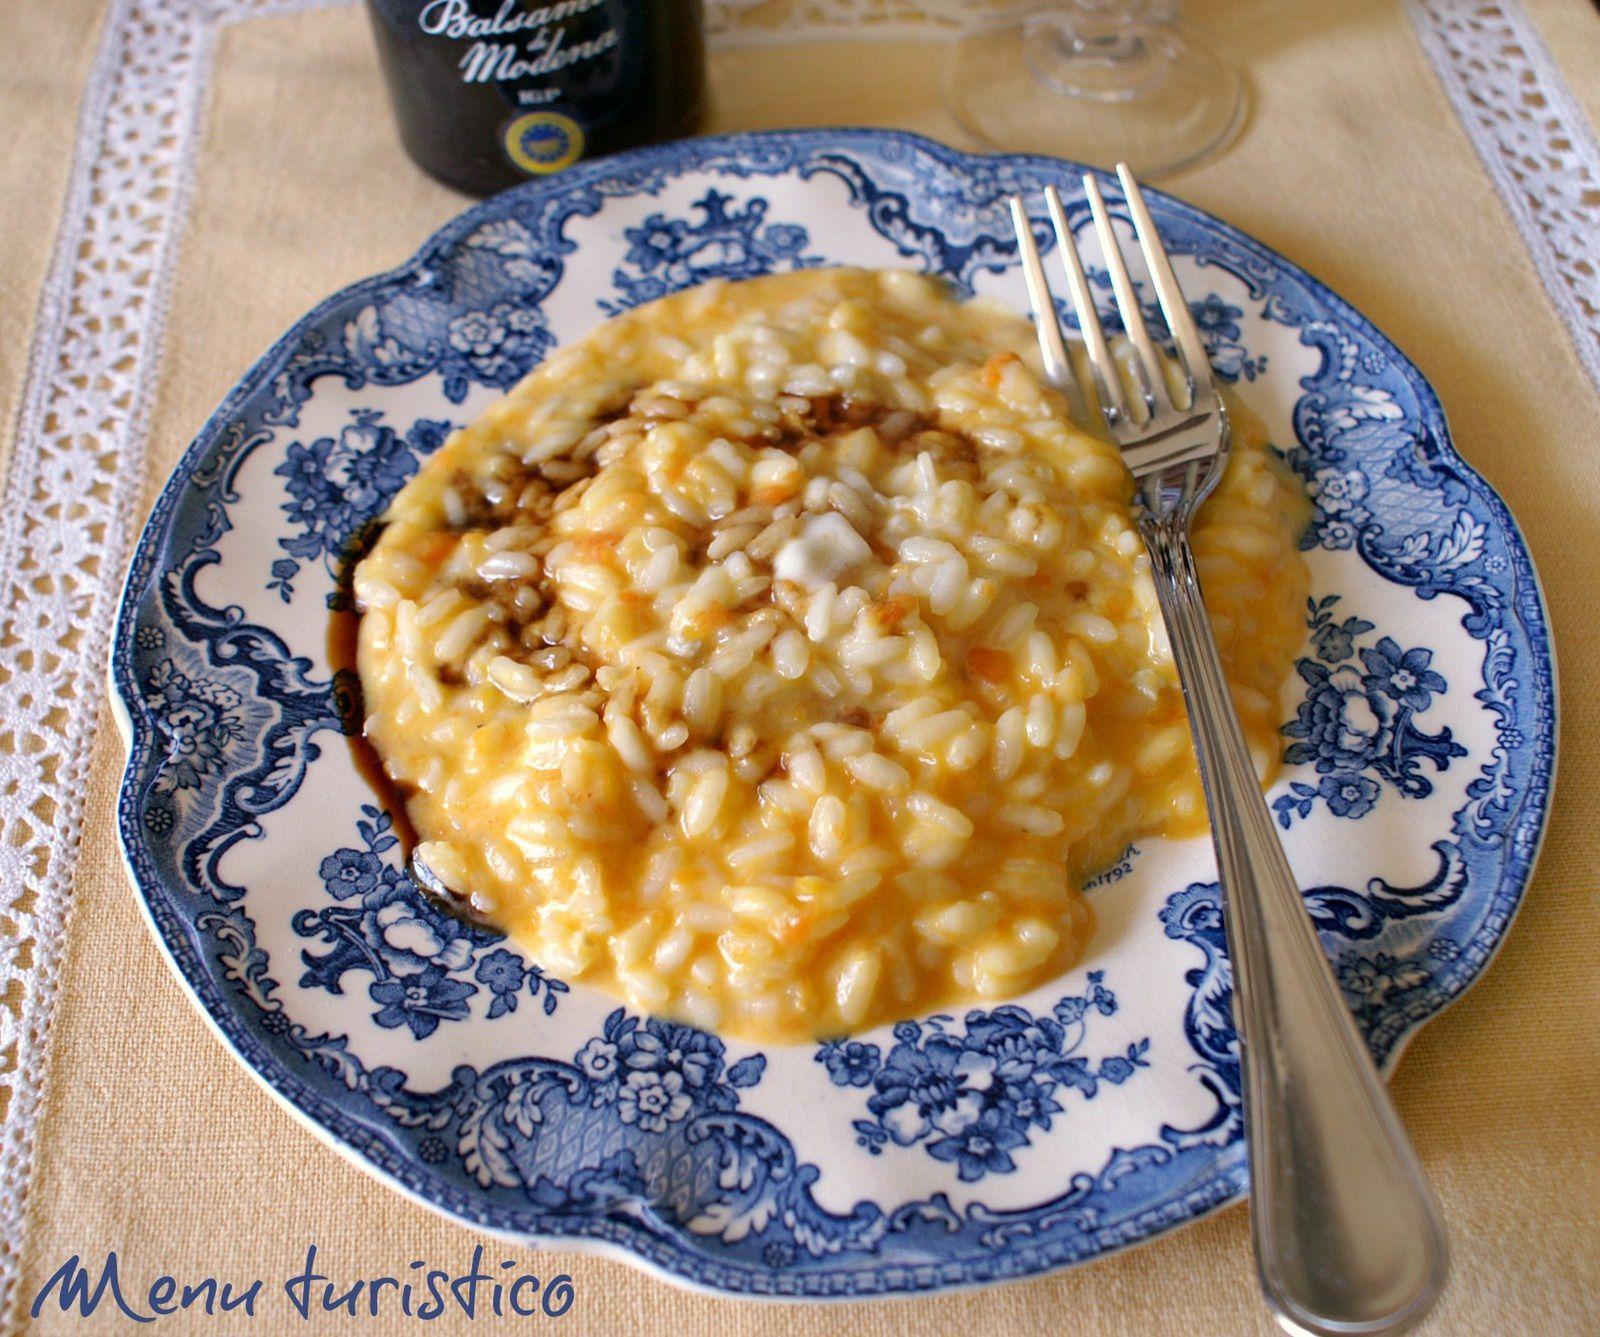 Potere e pathos. Bronzi del mondo ellenistico a Firenze e un risotto con zucca, gorgonzola ed aceto balsamico, delizioso.